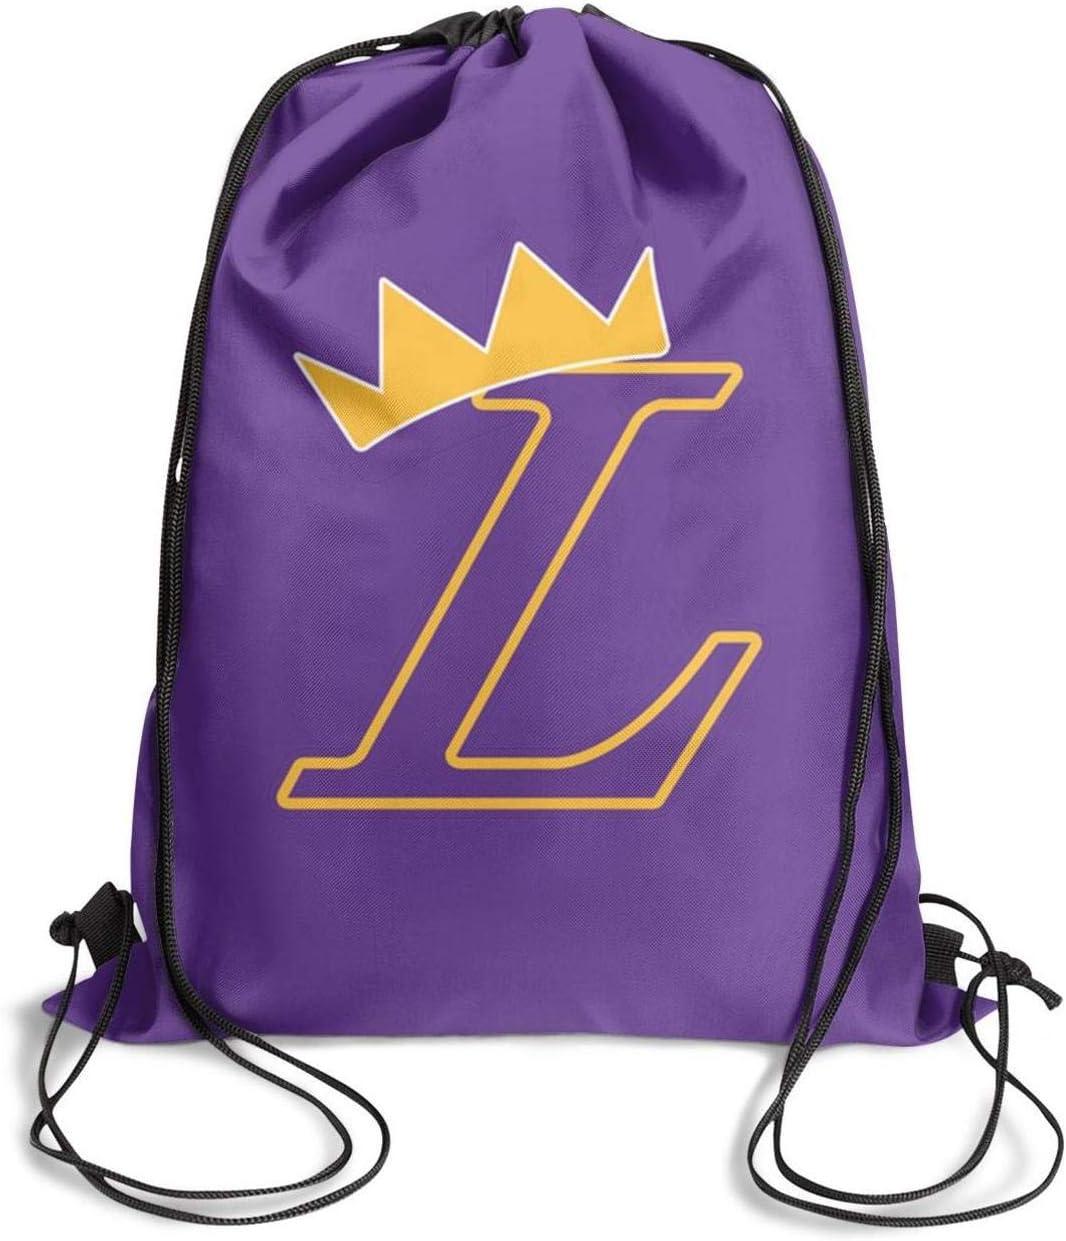 GUYI3 Drawstring Dancing Cool LA-King-Basketball-Player Drawstring Bags for Women /& Men